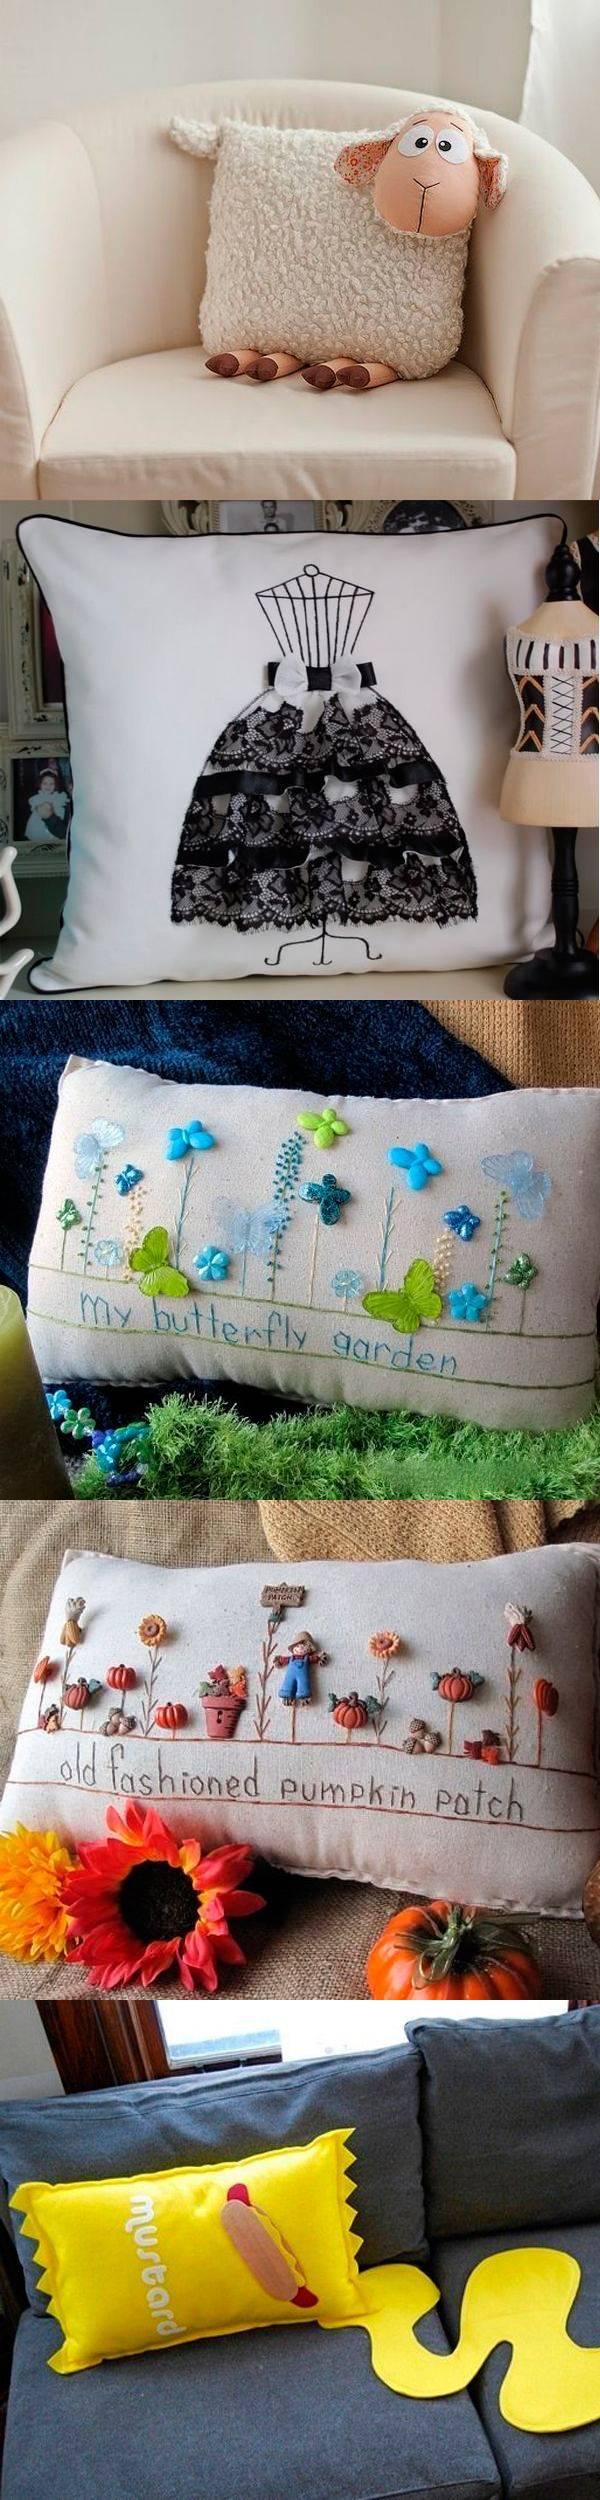 Оригинальные текстильные подушки — 30 идей